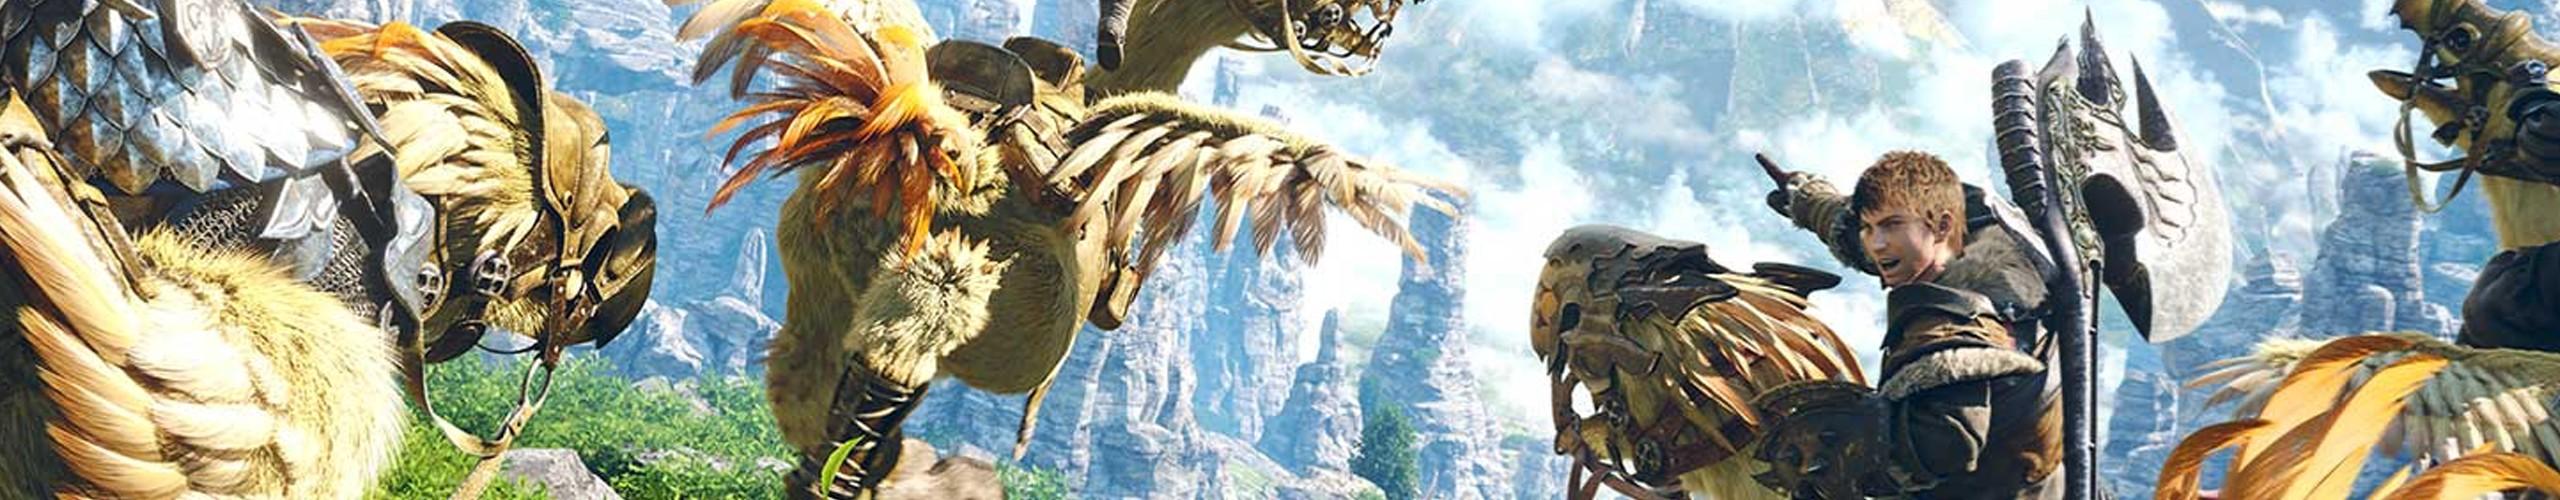 Final Fantasy XIV (B2P)